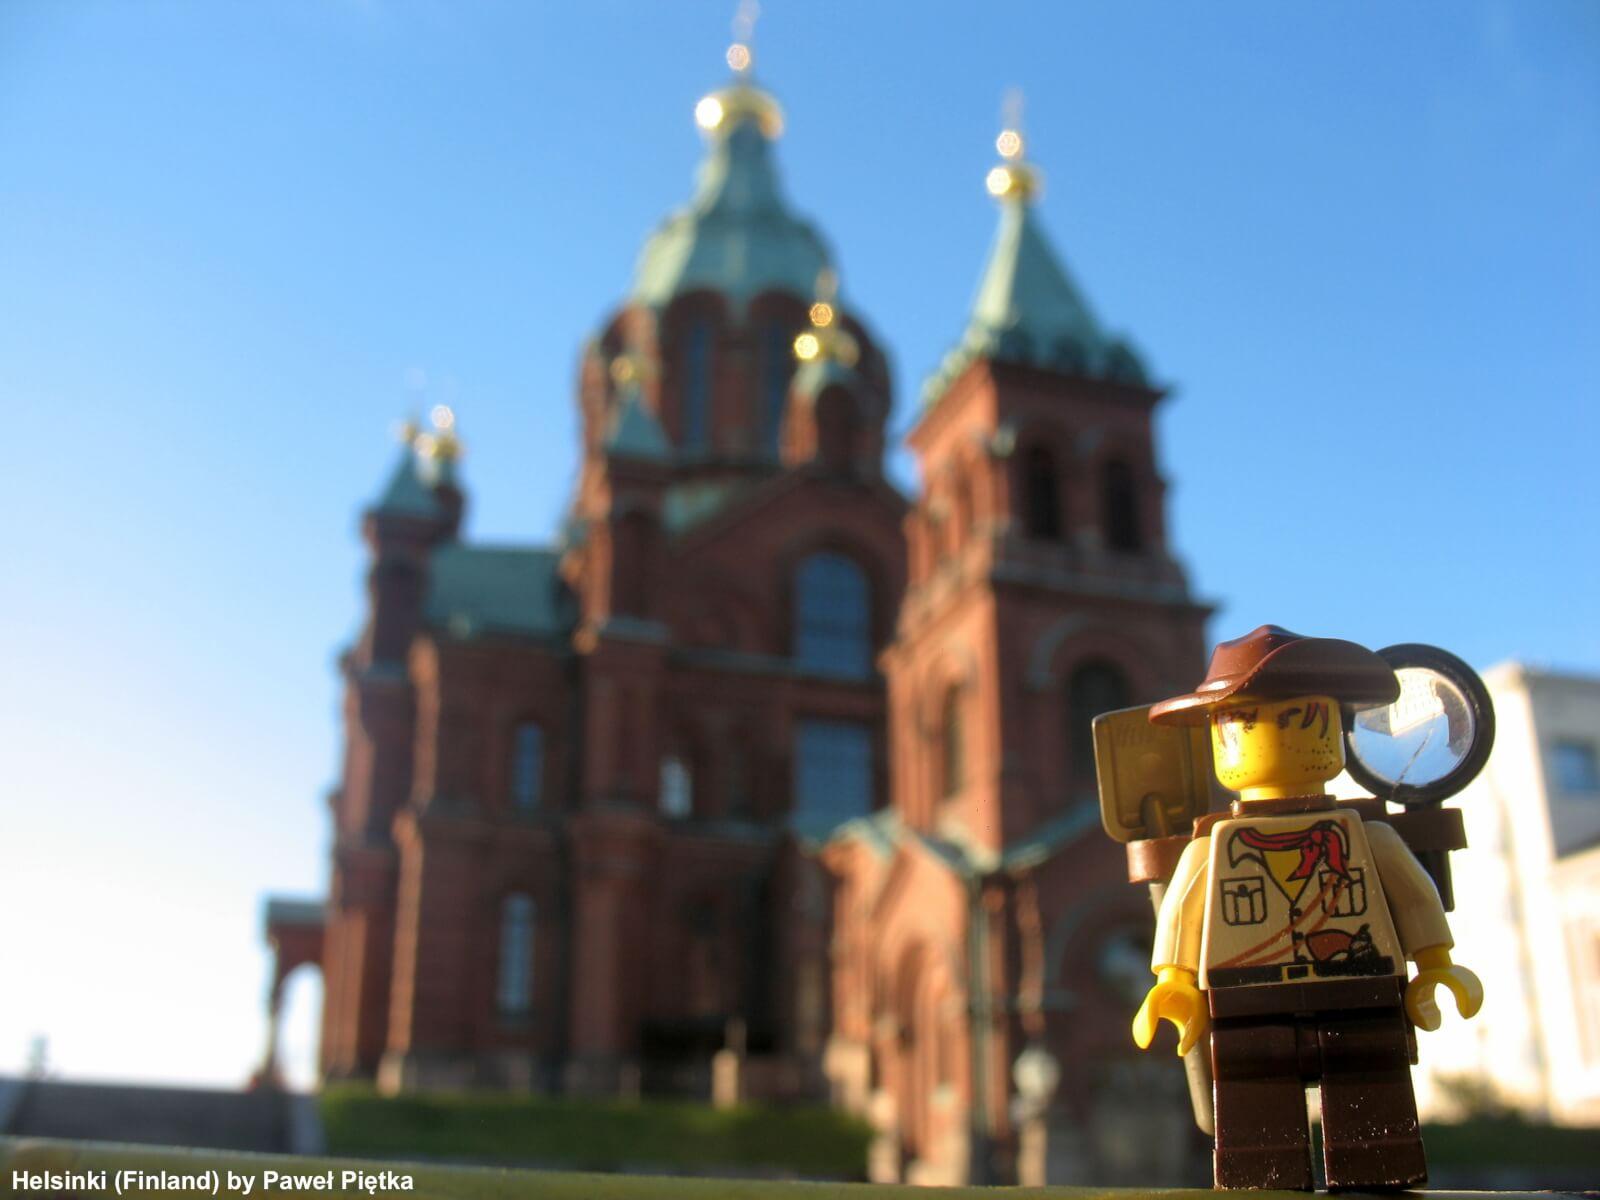 Helsinki (Finland) - Uspenski Orthodox Cathedral